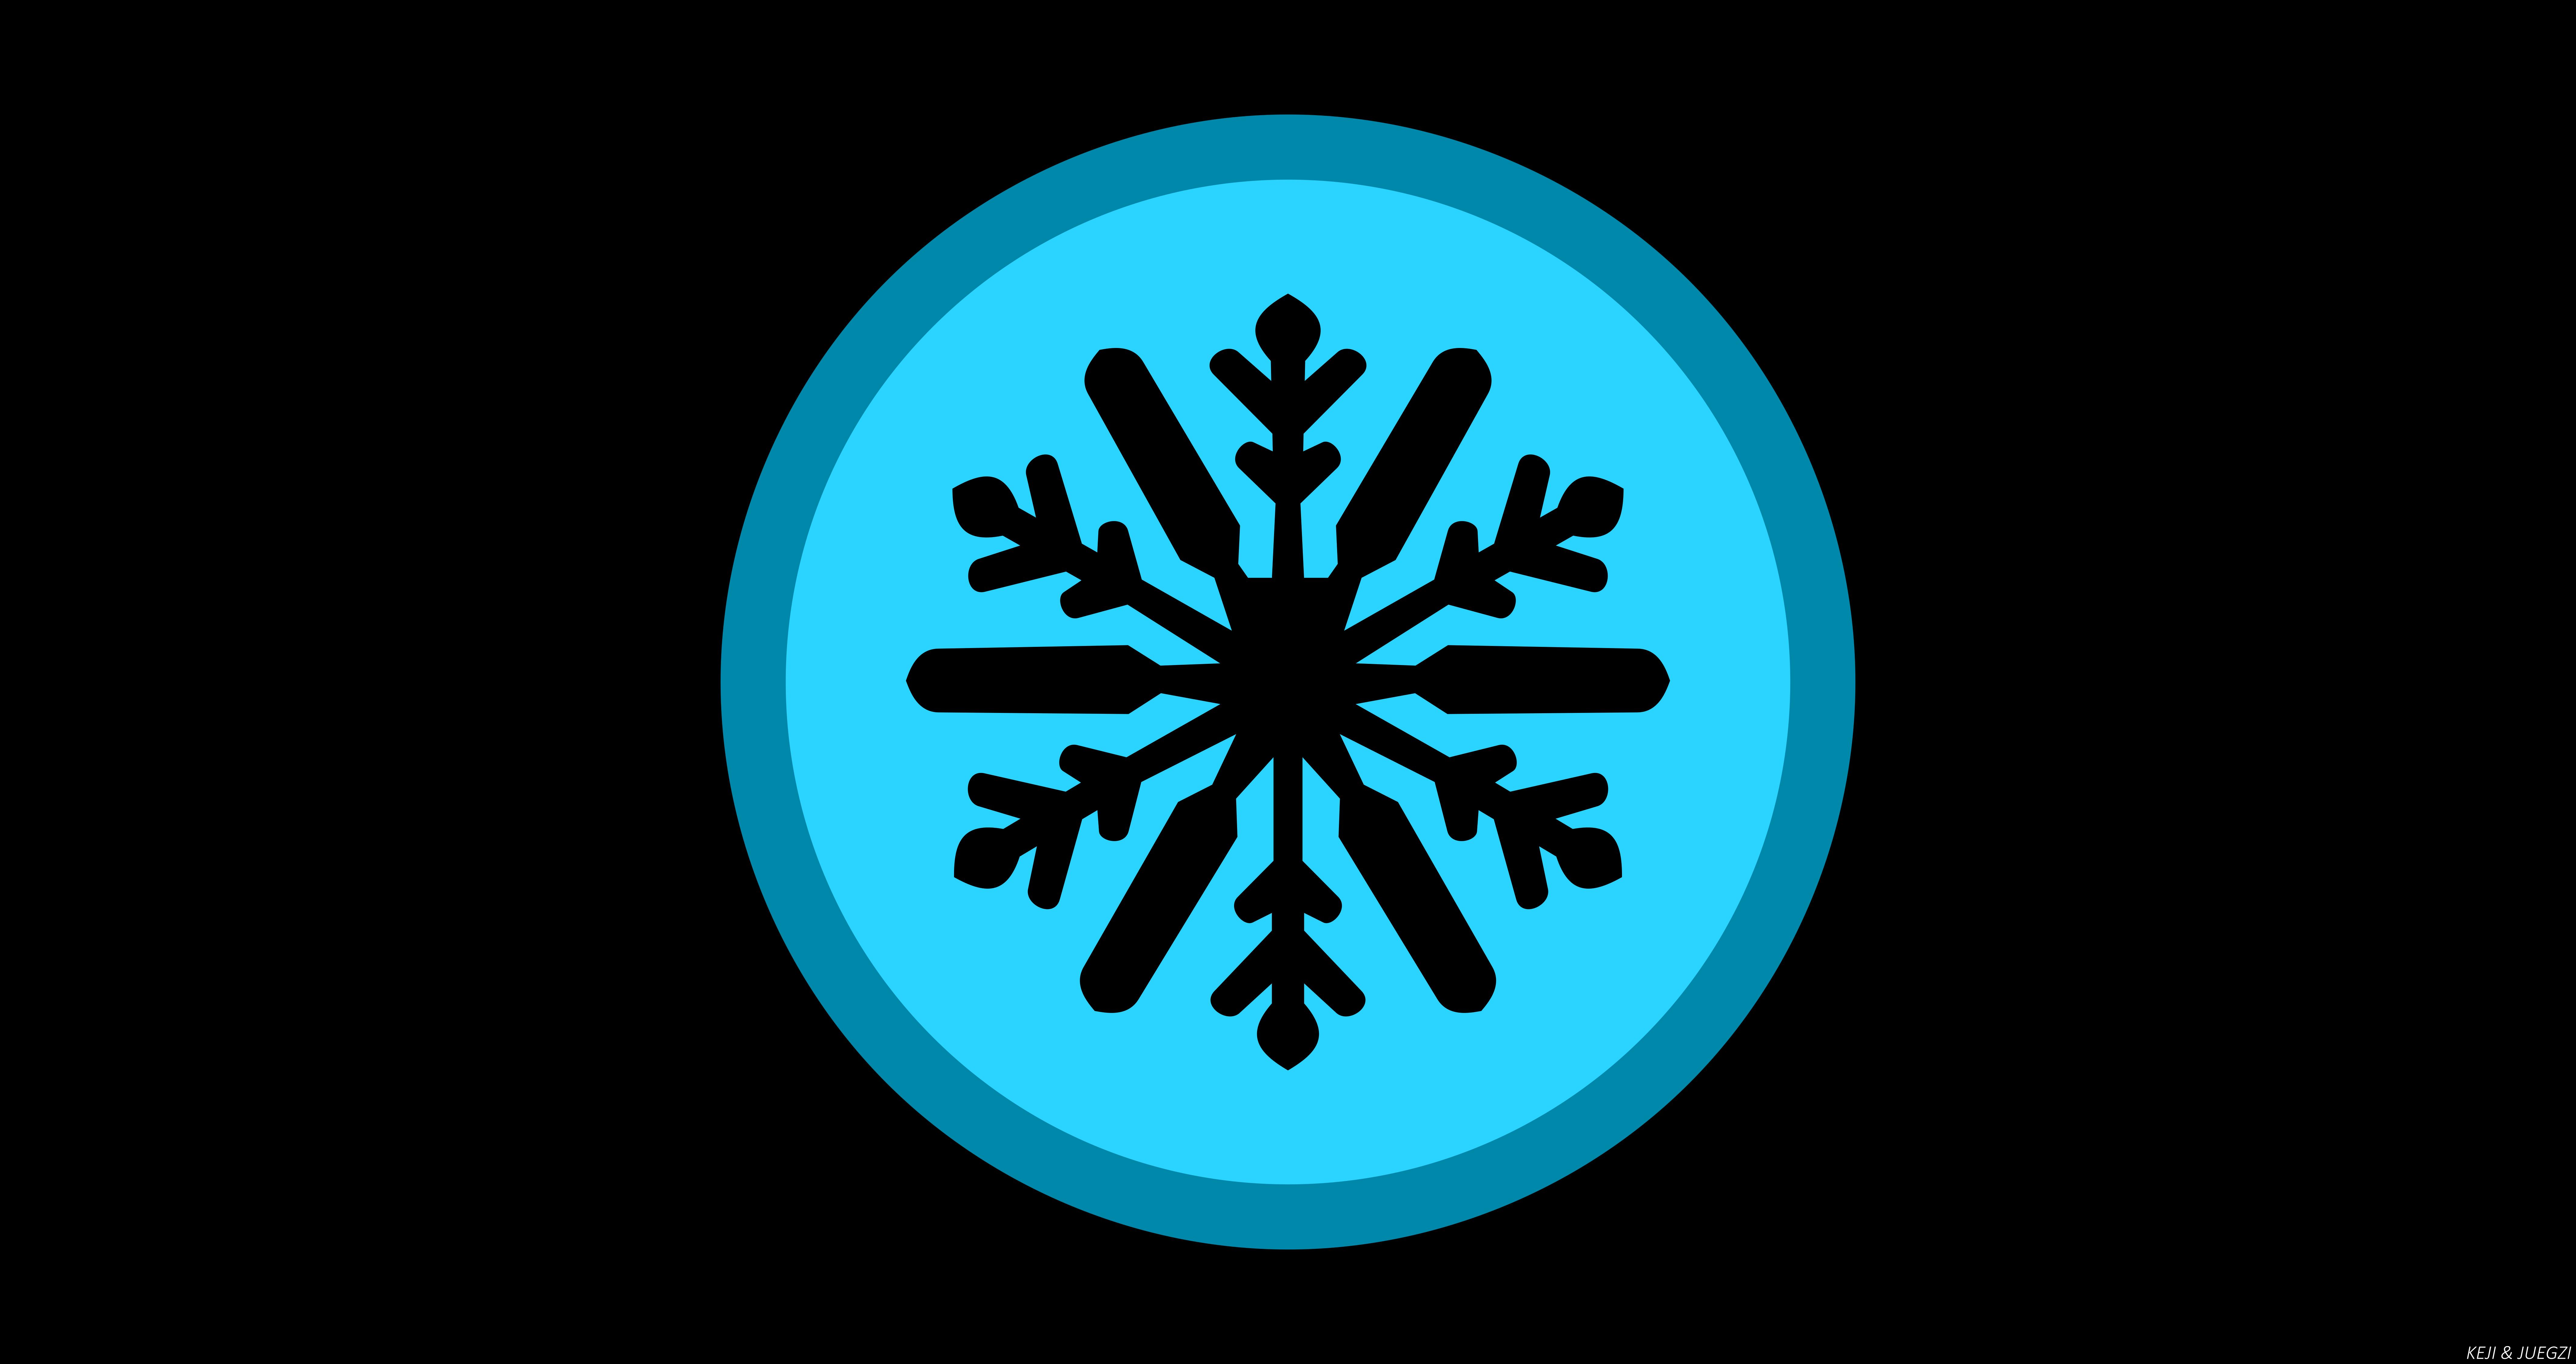 Circle Naruto Shapes Symbol 8500x4500